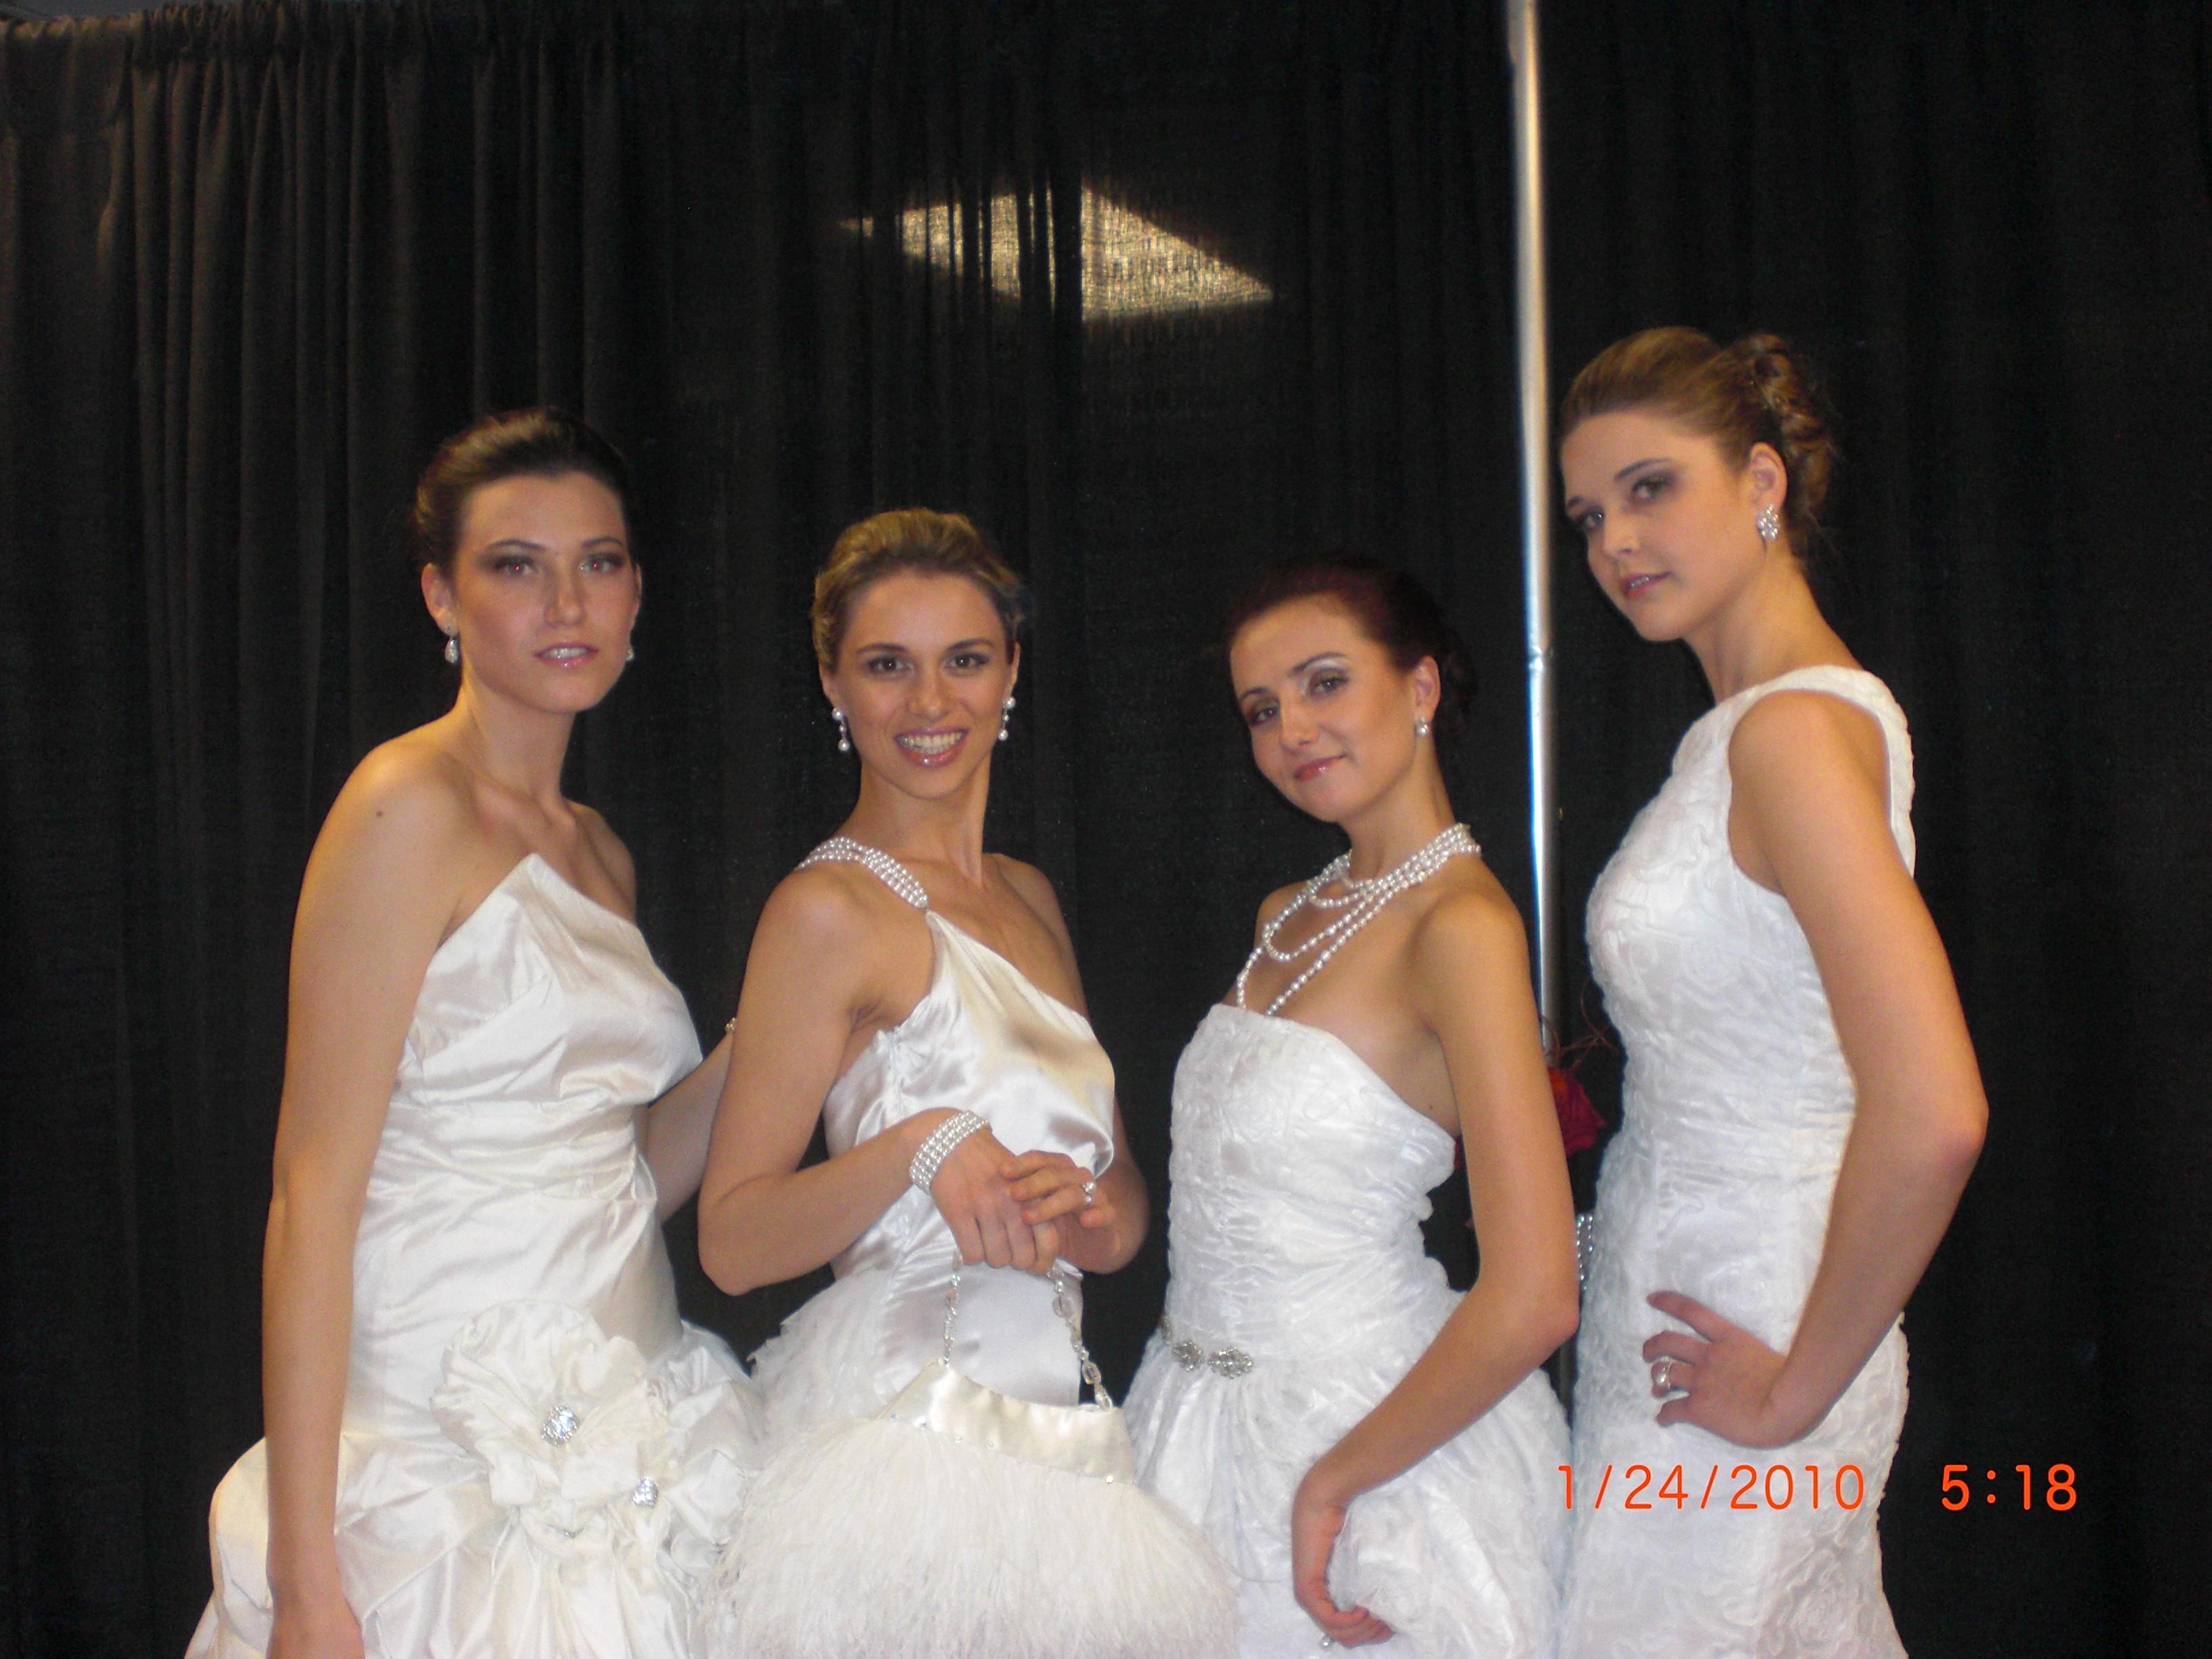 Croghan S Jewel Box Croghan S Designs Appear In A Wonderful Wedding Fashion Show